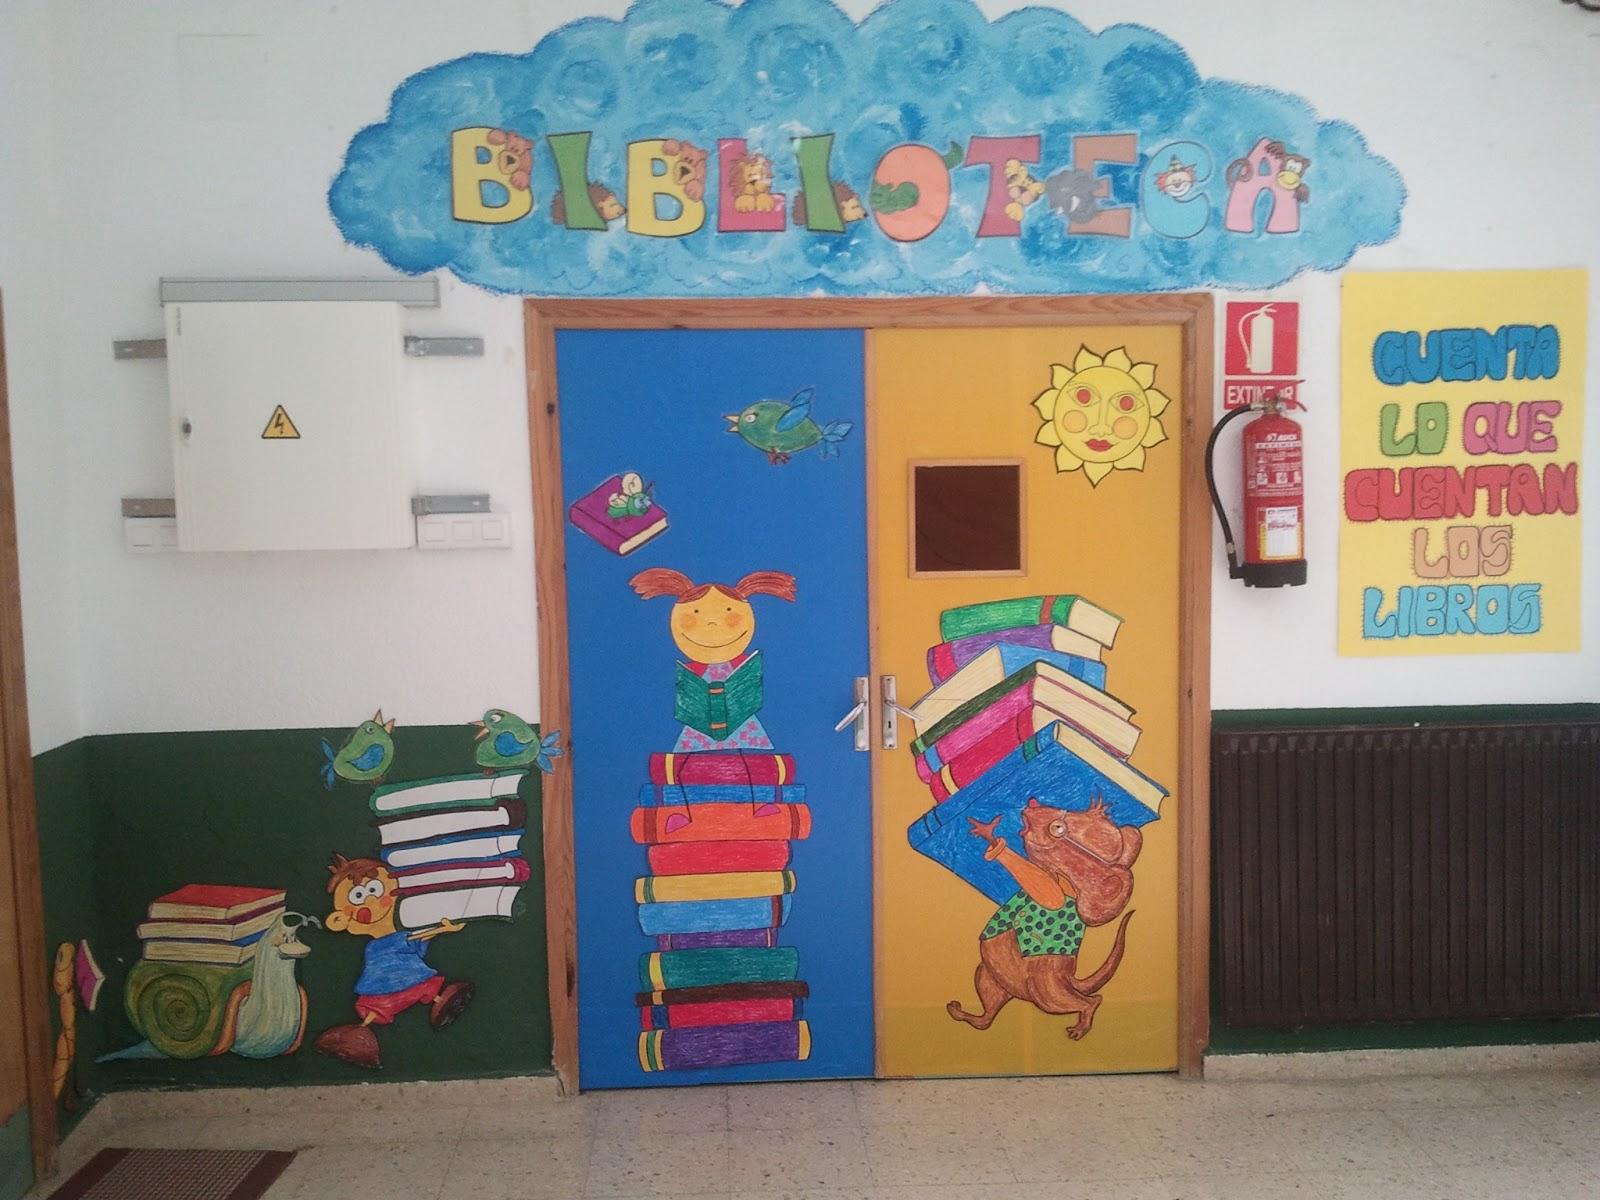 El rinc n de la educaci n f sica la biblioteca de mi cole - Libros para decorar ...